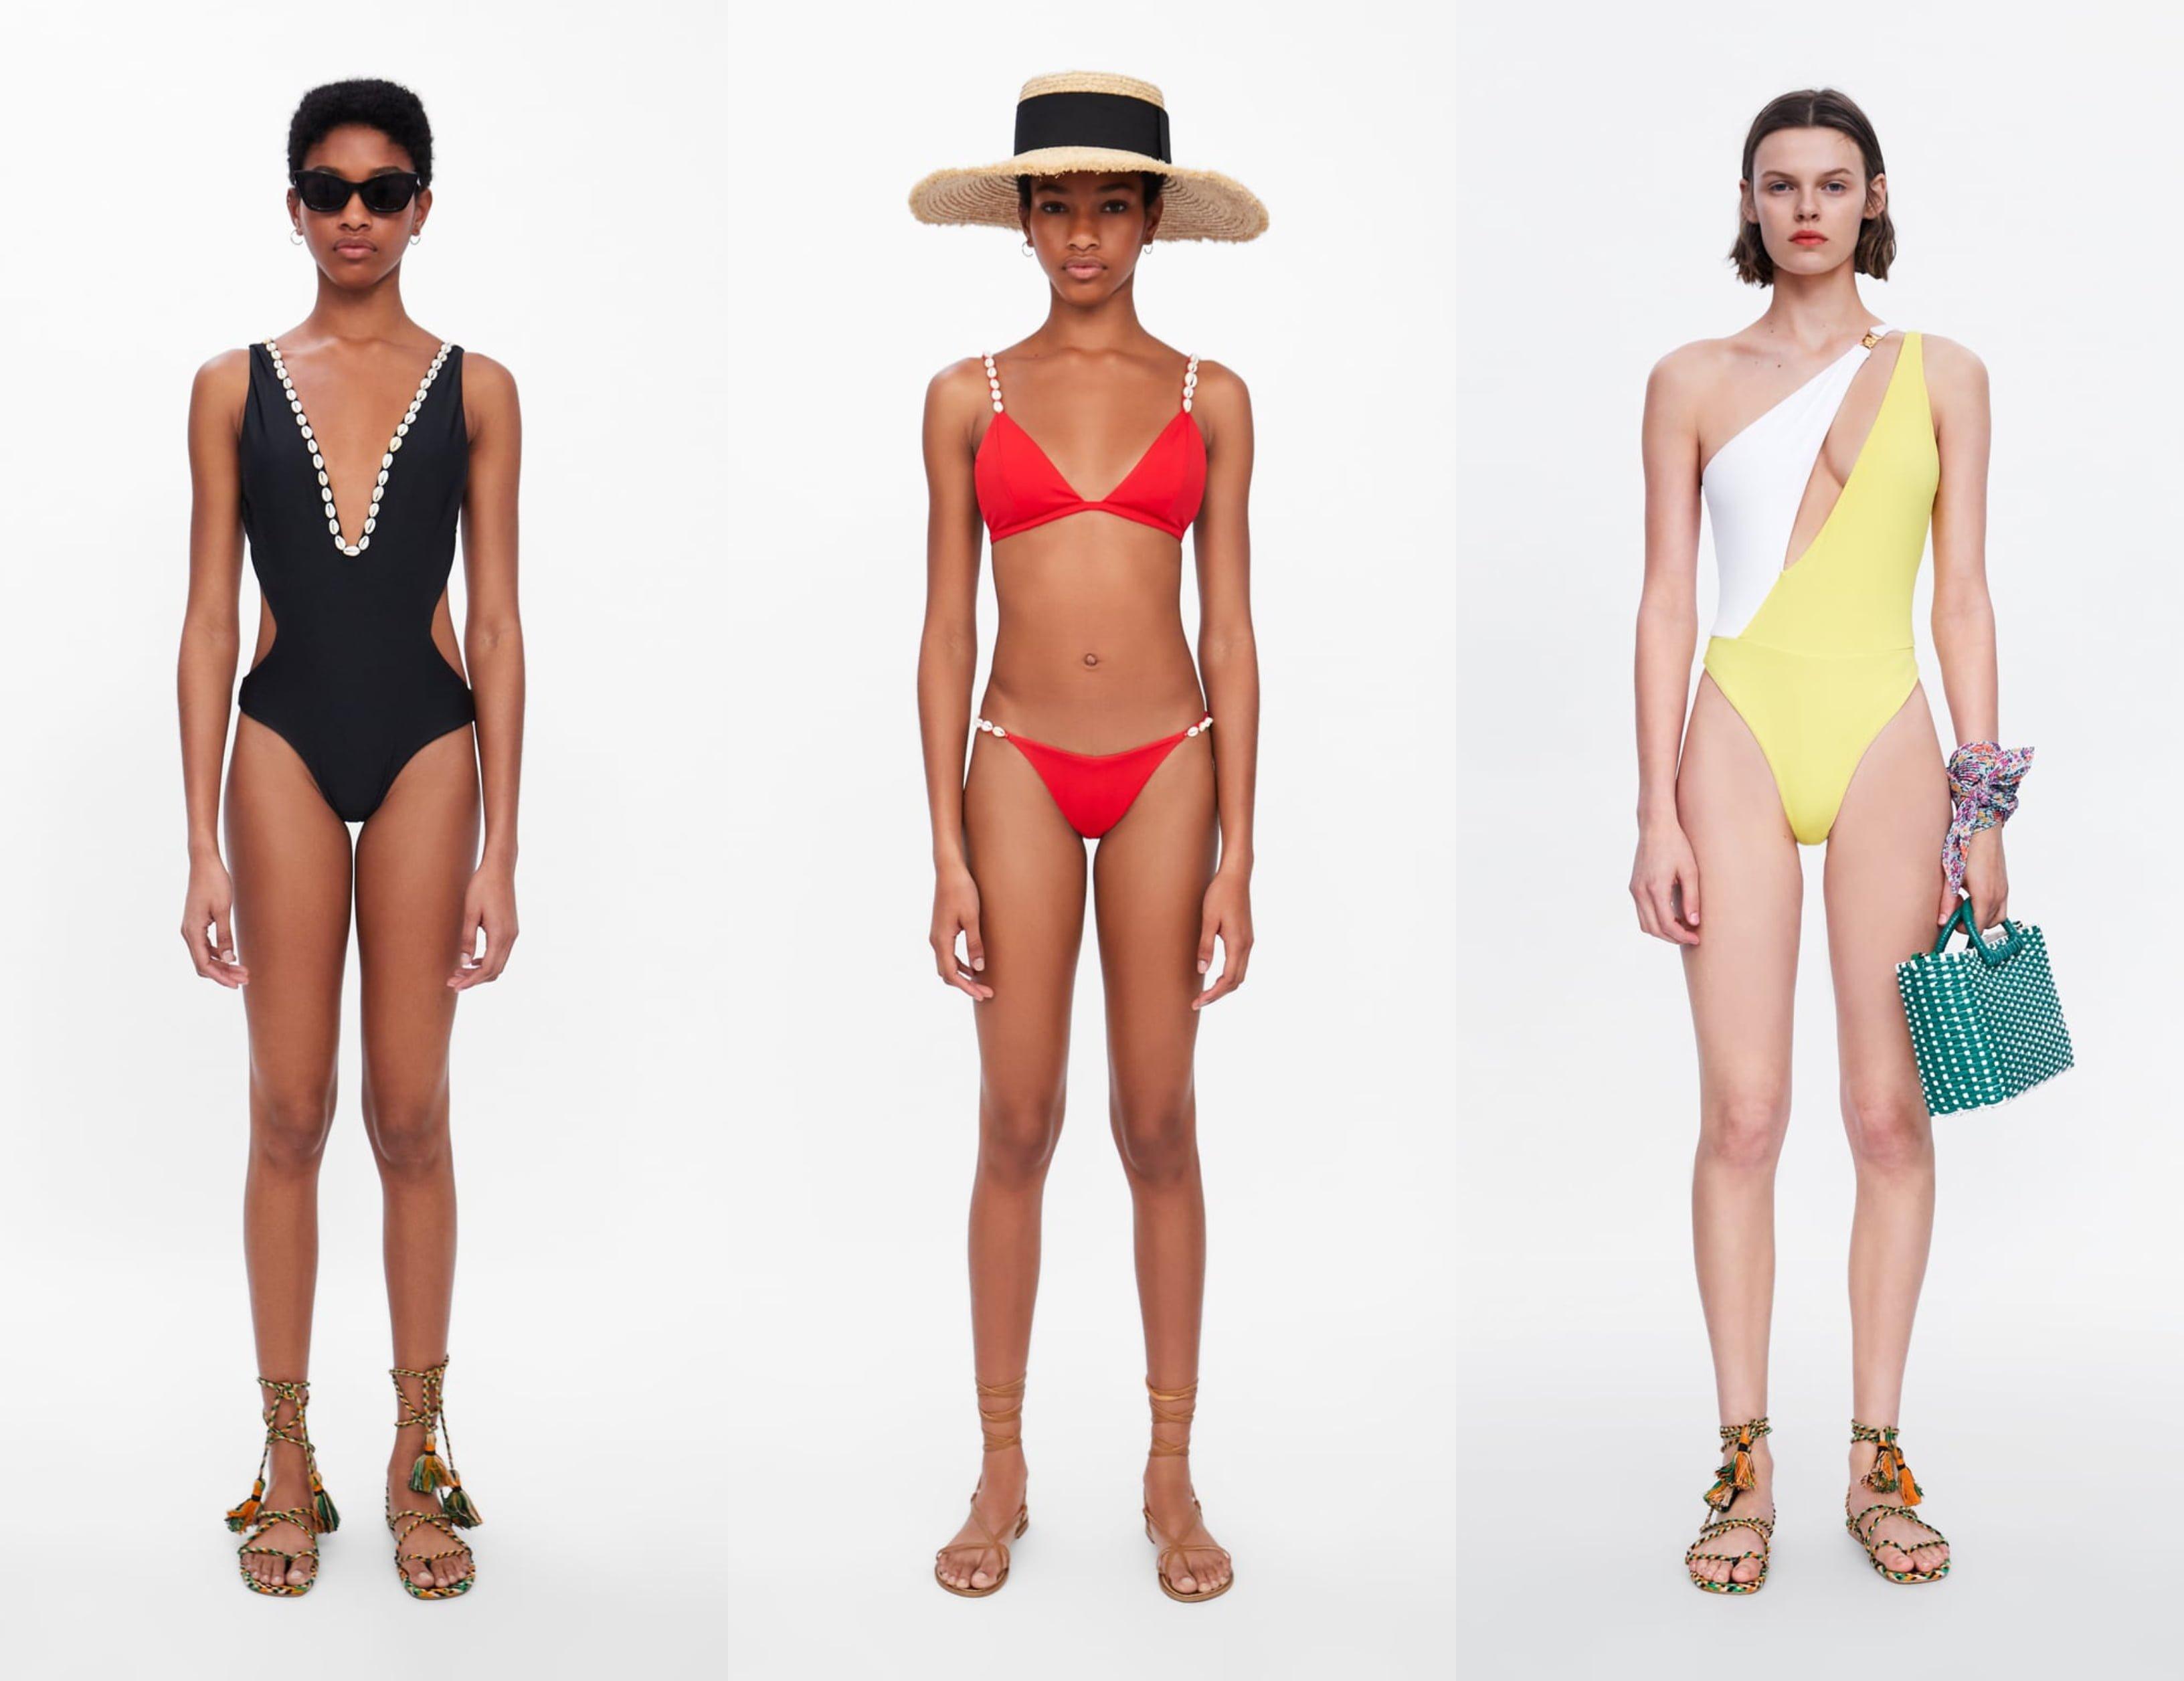 Zara ove godine ima fantastične modele kupaćih kostima!